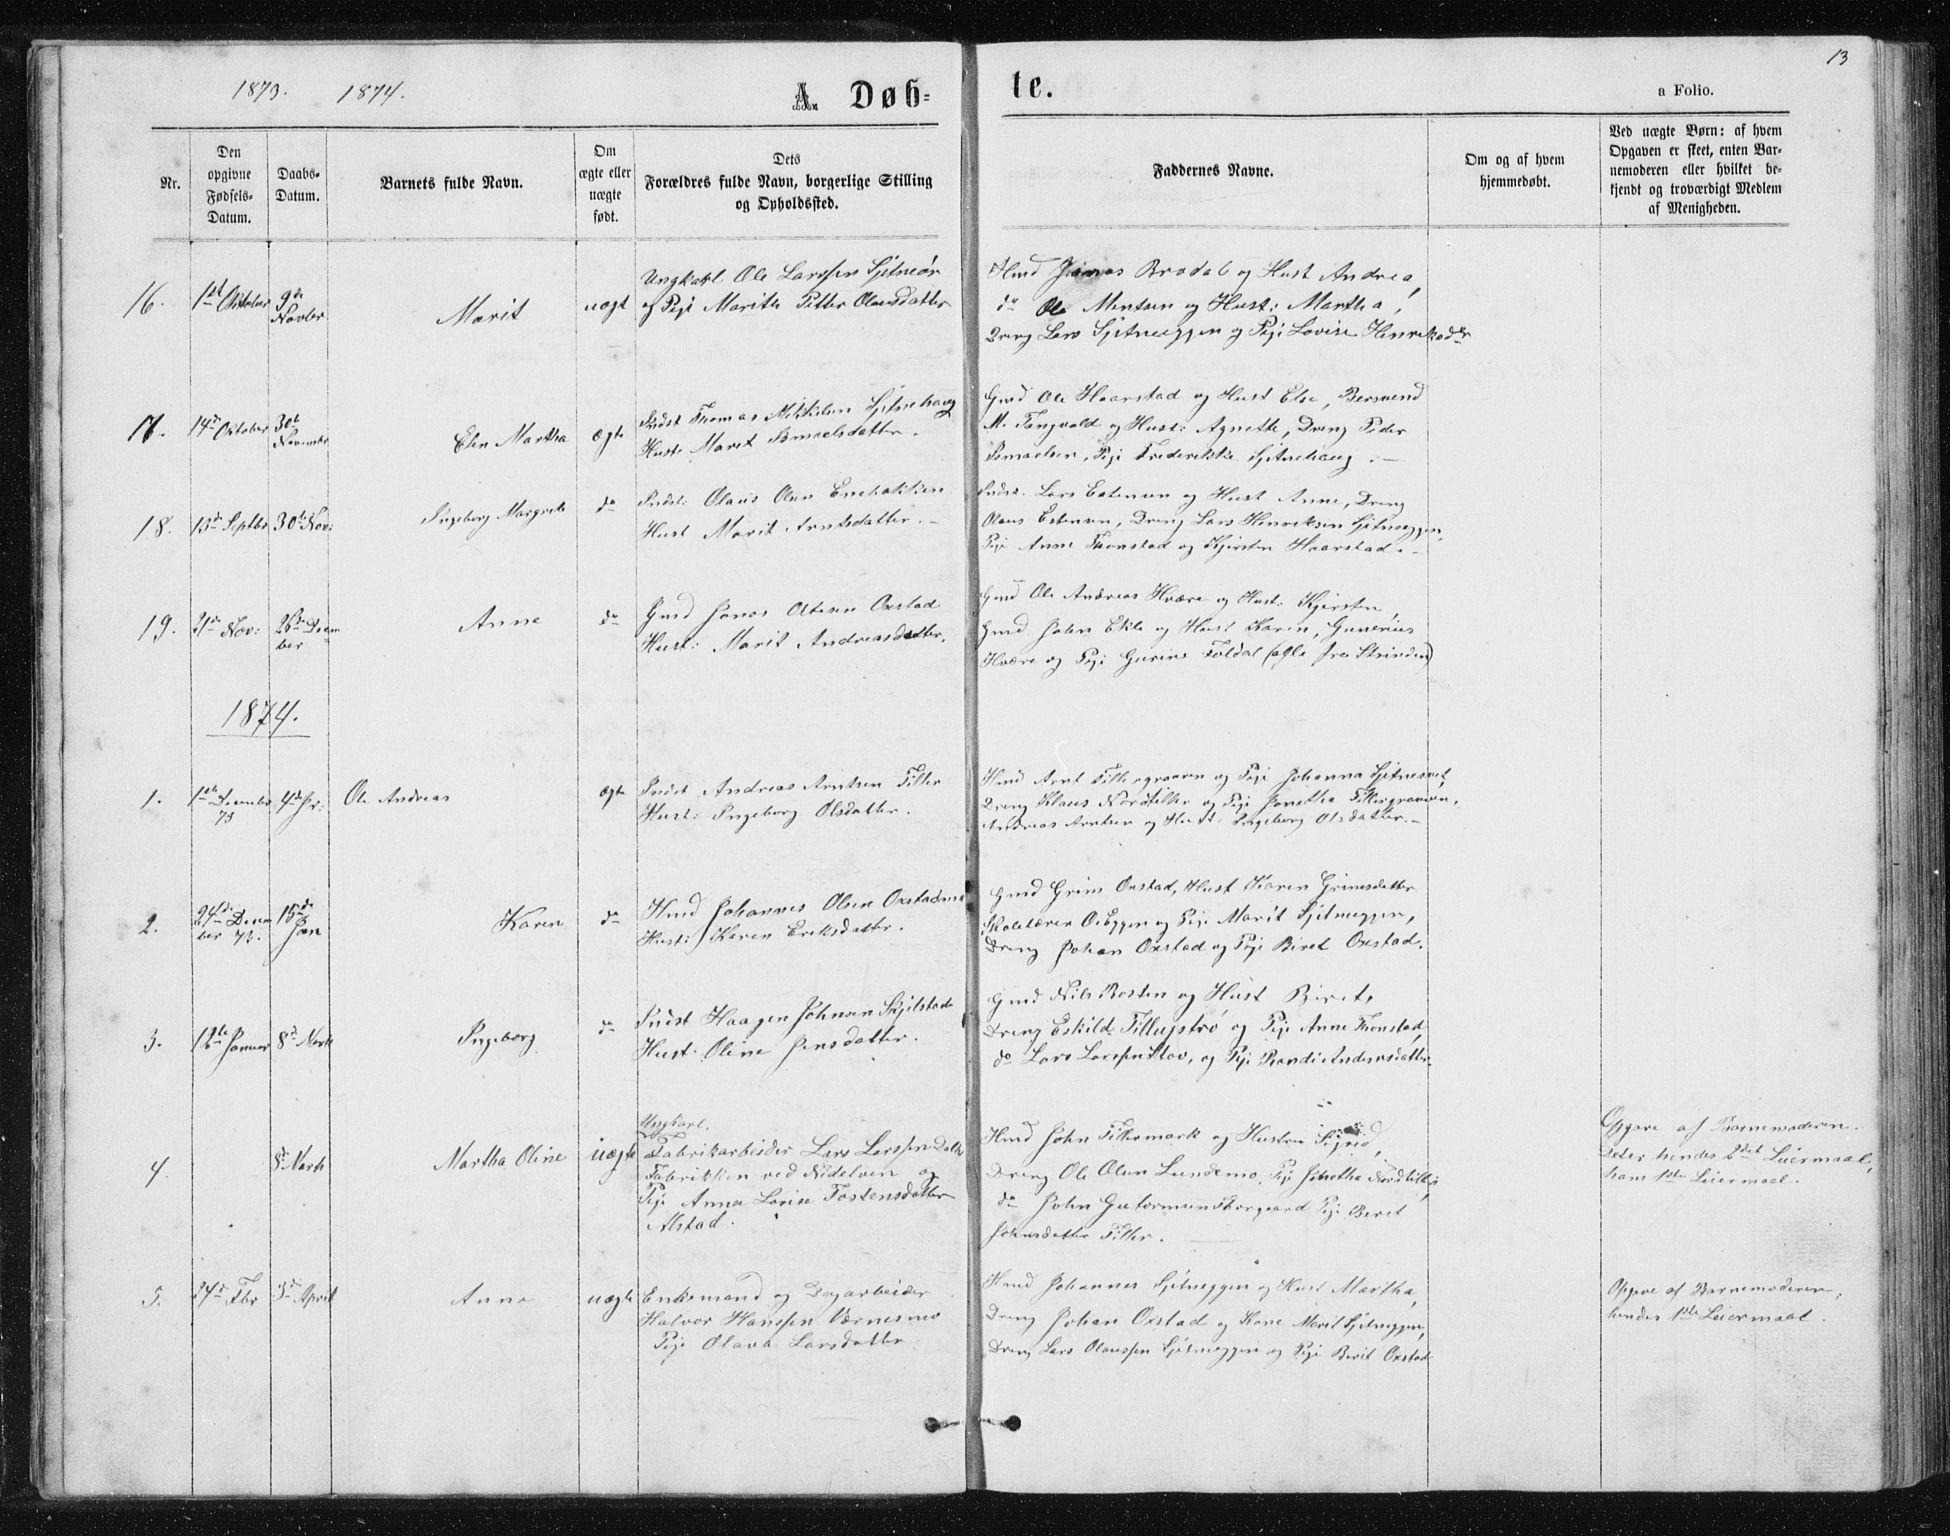 SAT, Ministerialprotokoller, klokkerbøker og fødselsregistre - Sør-Trøndelag, 621/L0459: Klokkerbok nr. 621C02, 1866-1895, s. 13